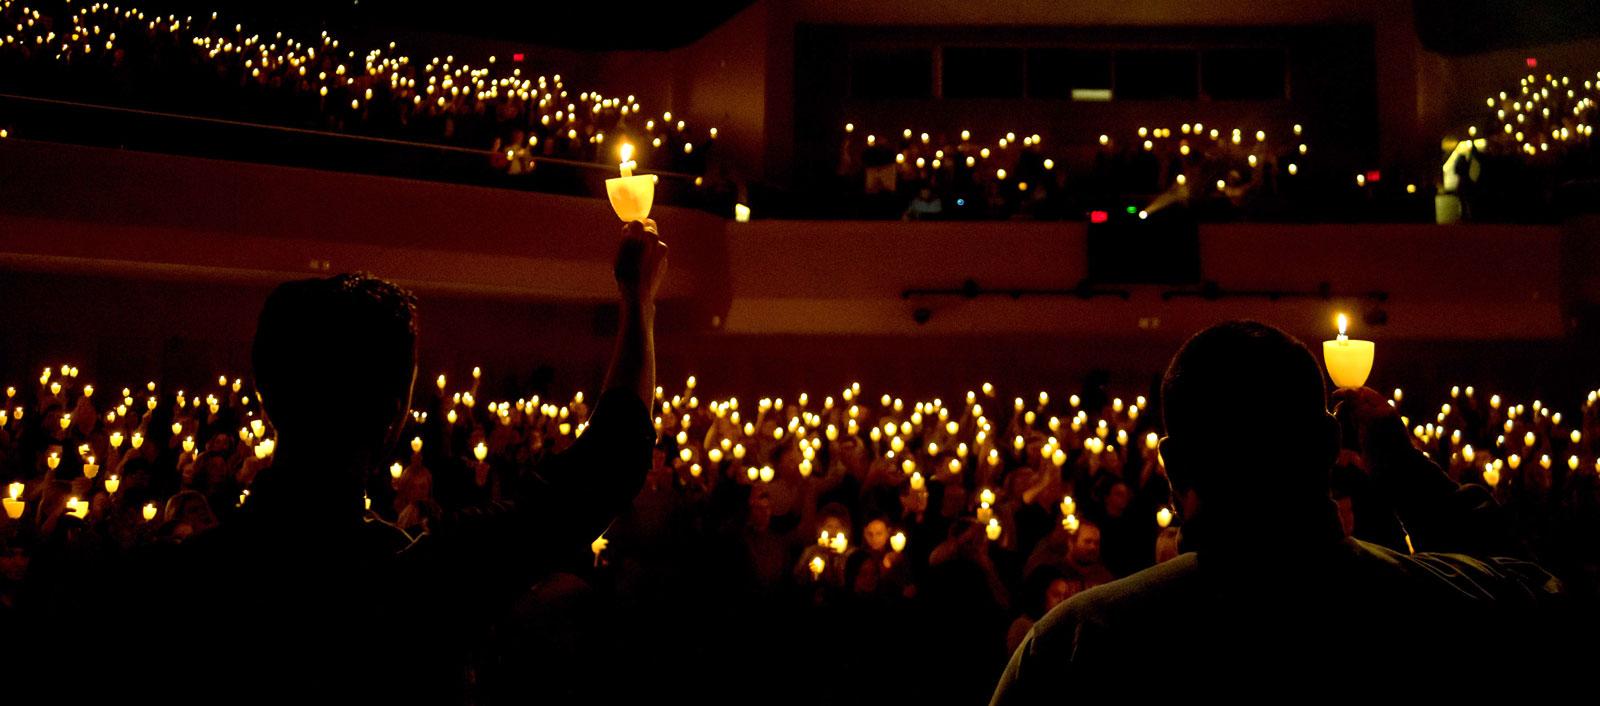 Candlelighting image